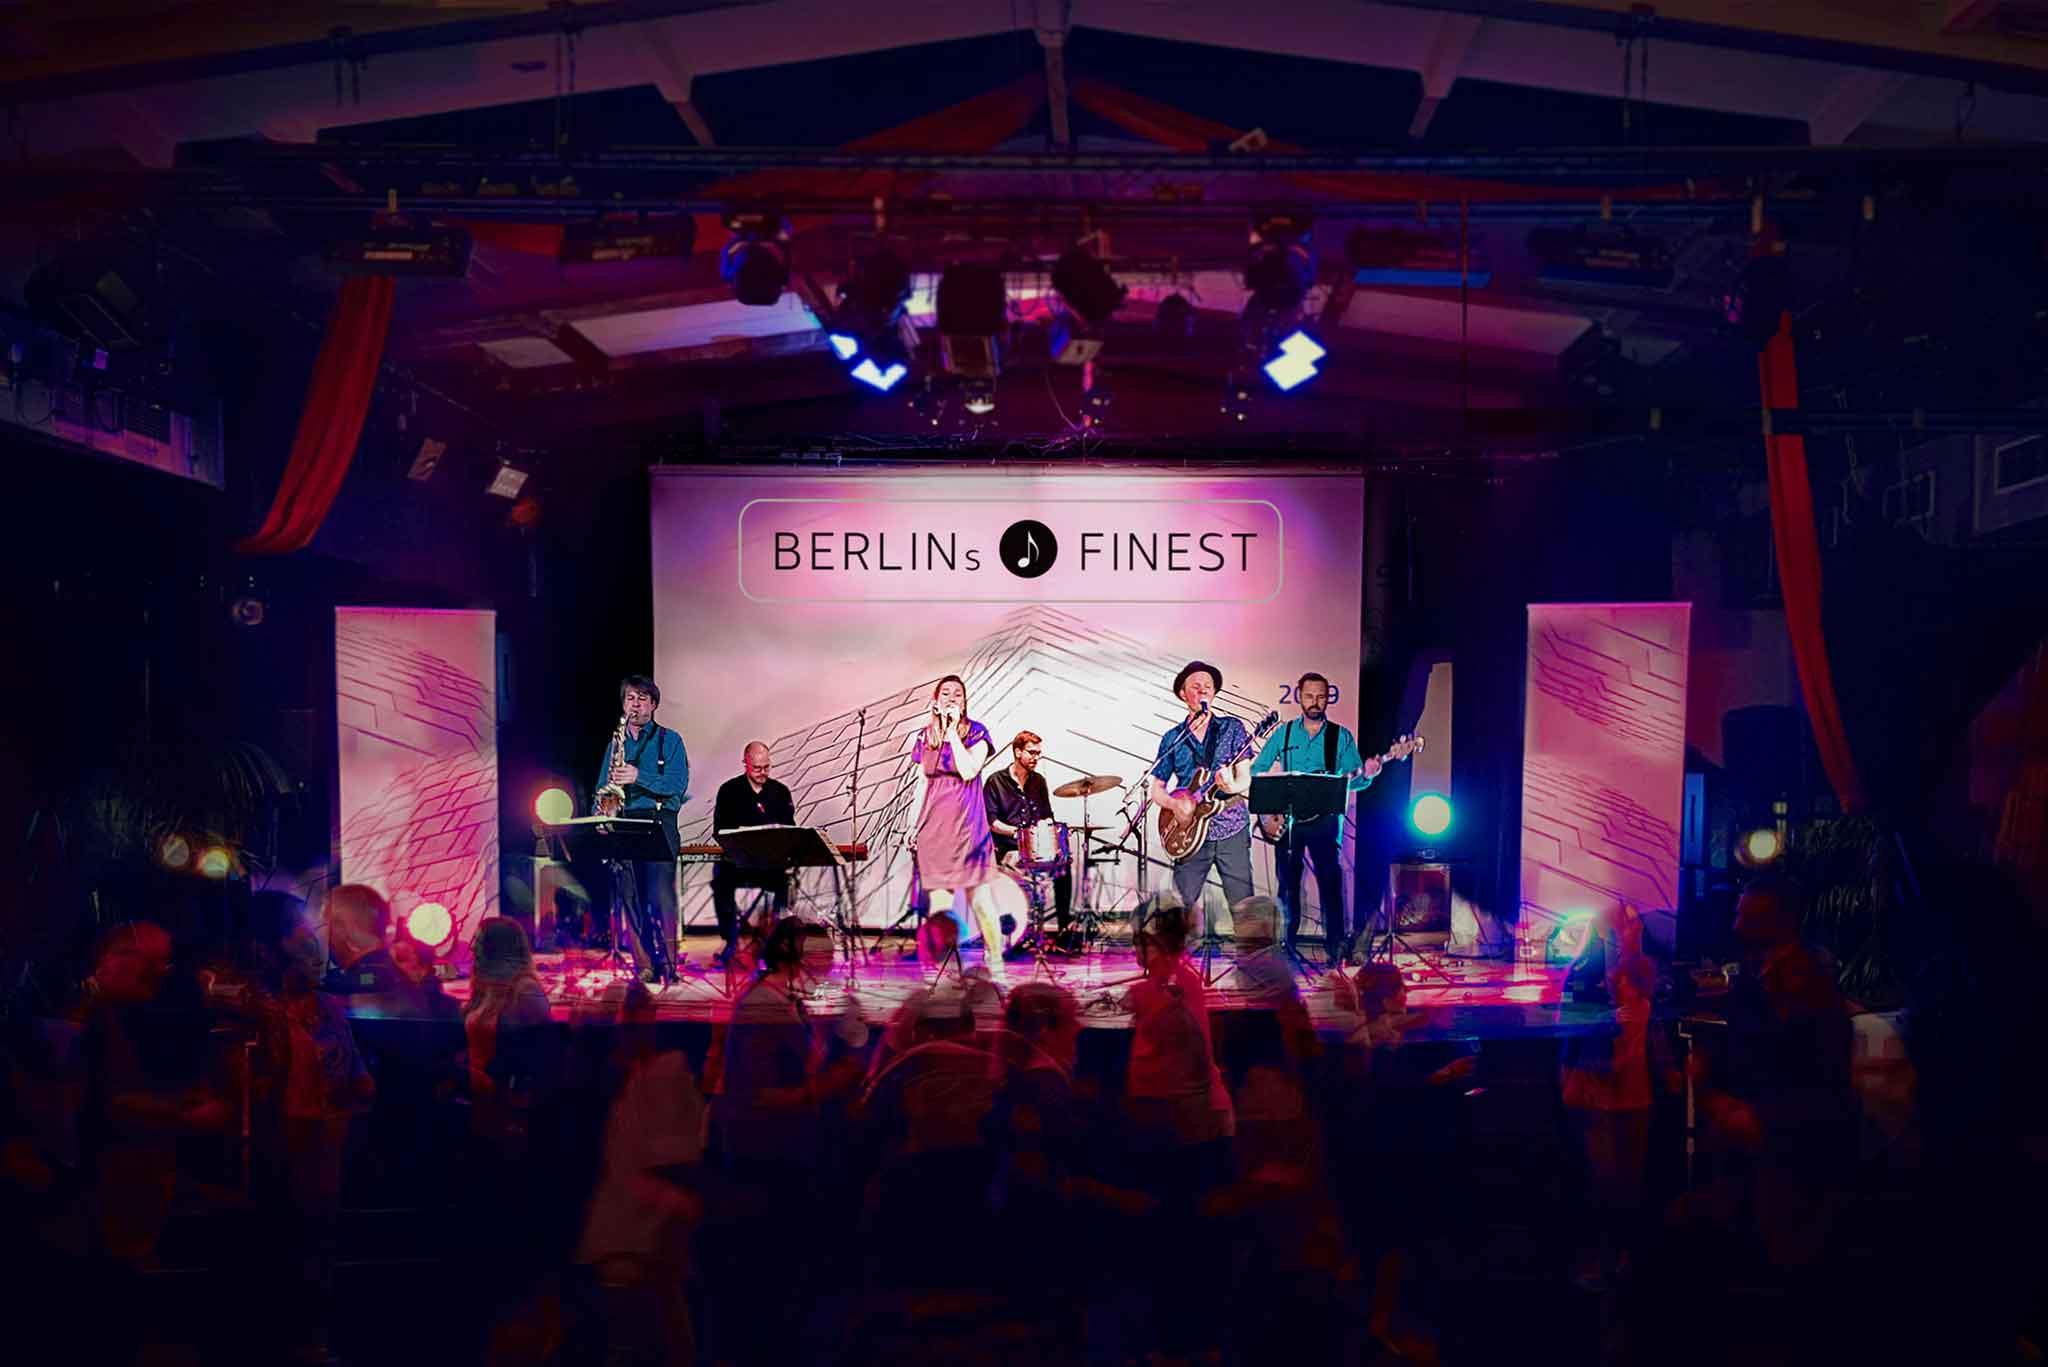 BERLINs FINEST Partyband spielt auf einer Bühne Menschen feiern davor